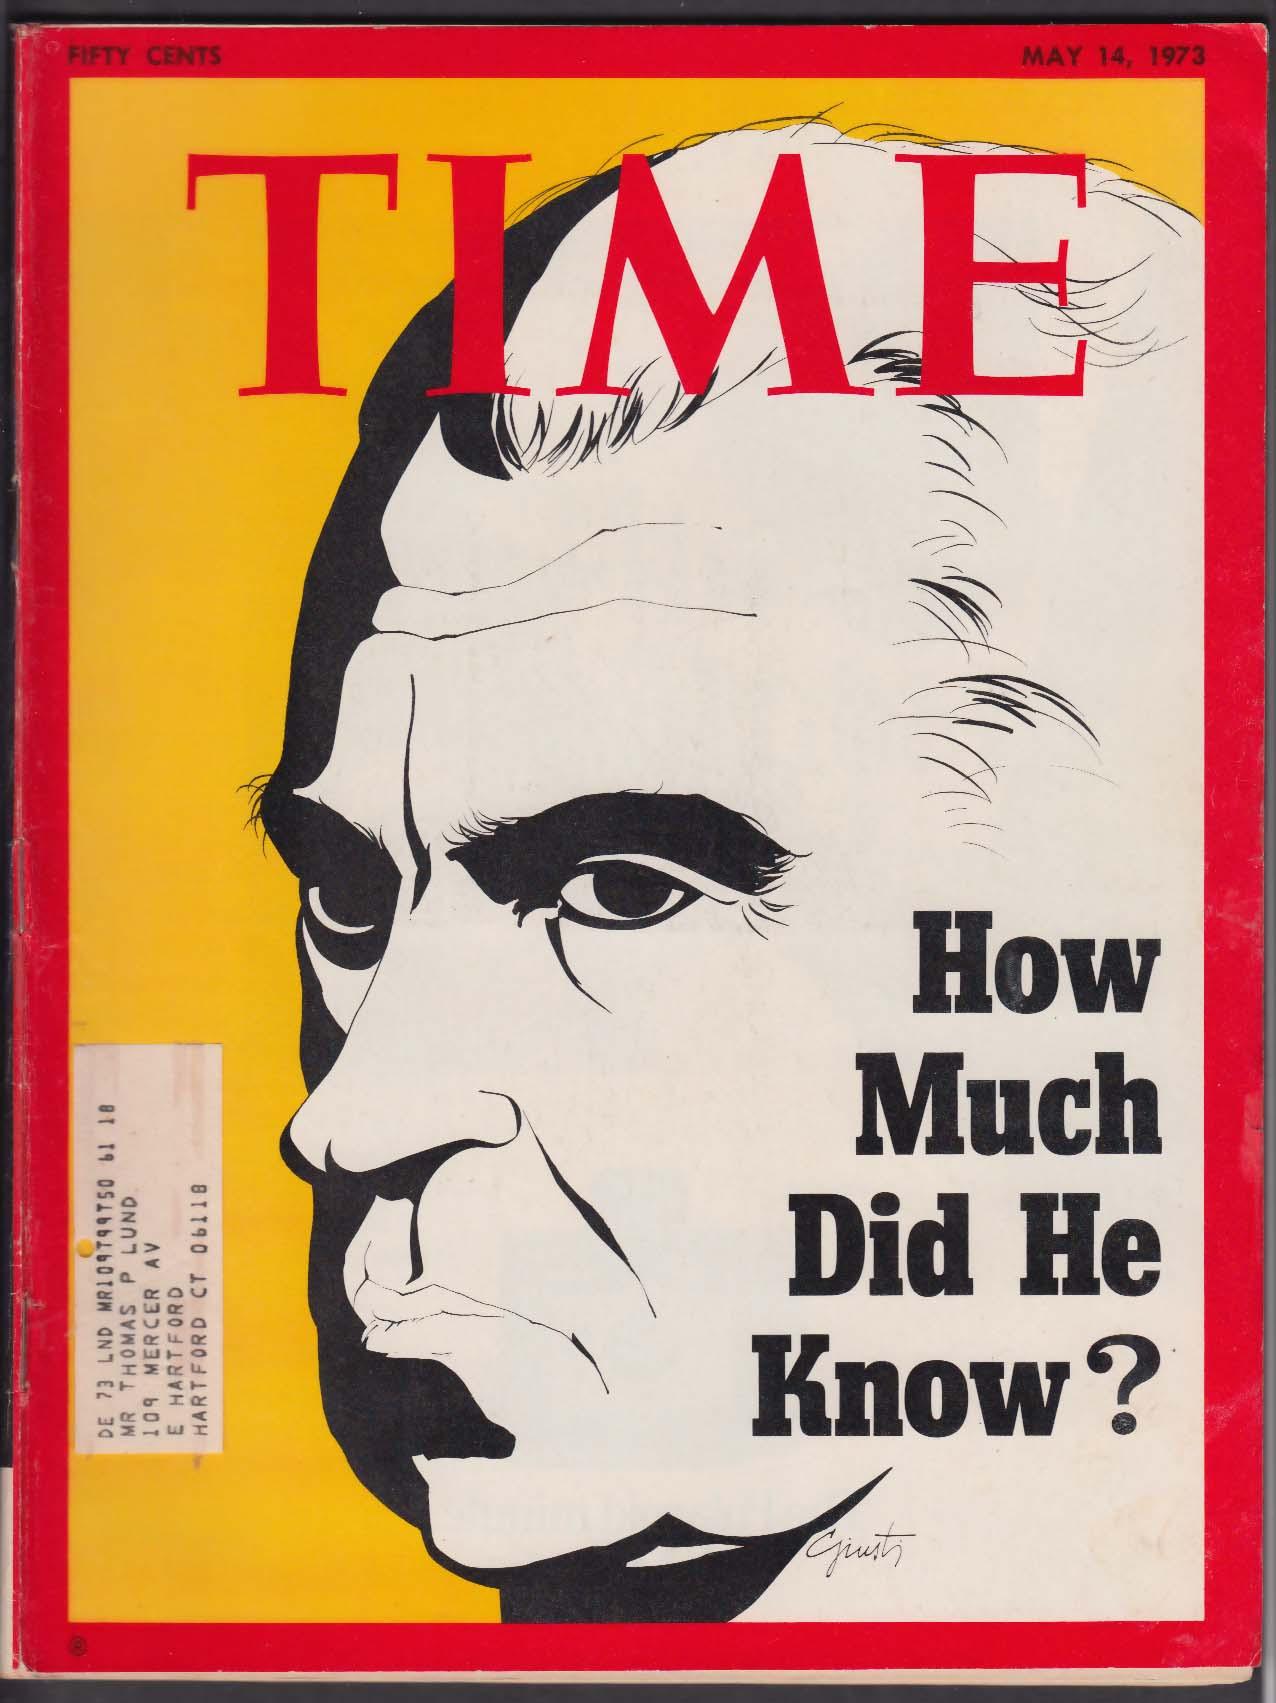 TIME Richard Nixon Watergate Dean Haldeman Erlichman Yasser Arafat 5/14 1973